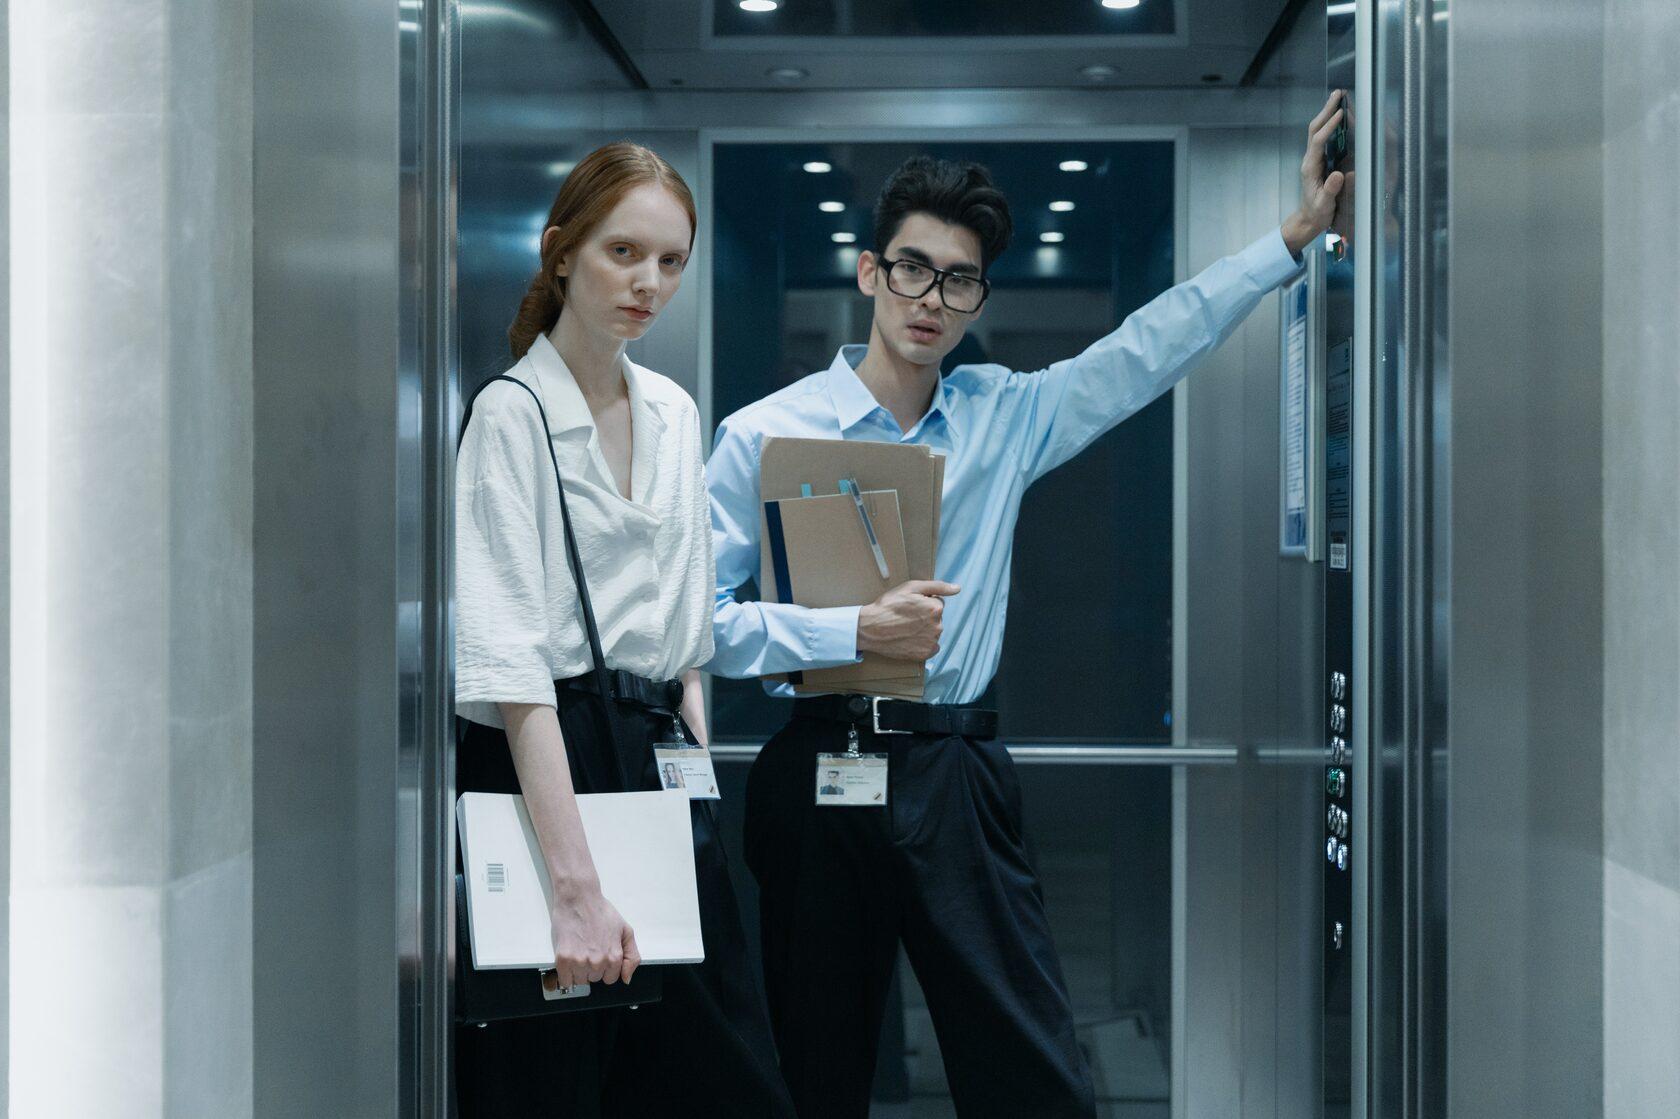 питч в лифте